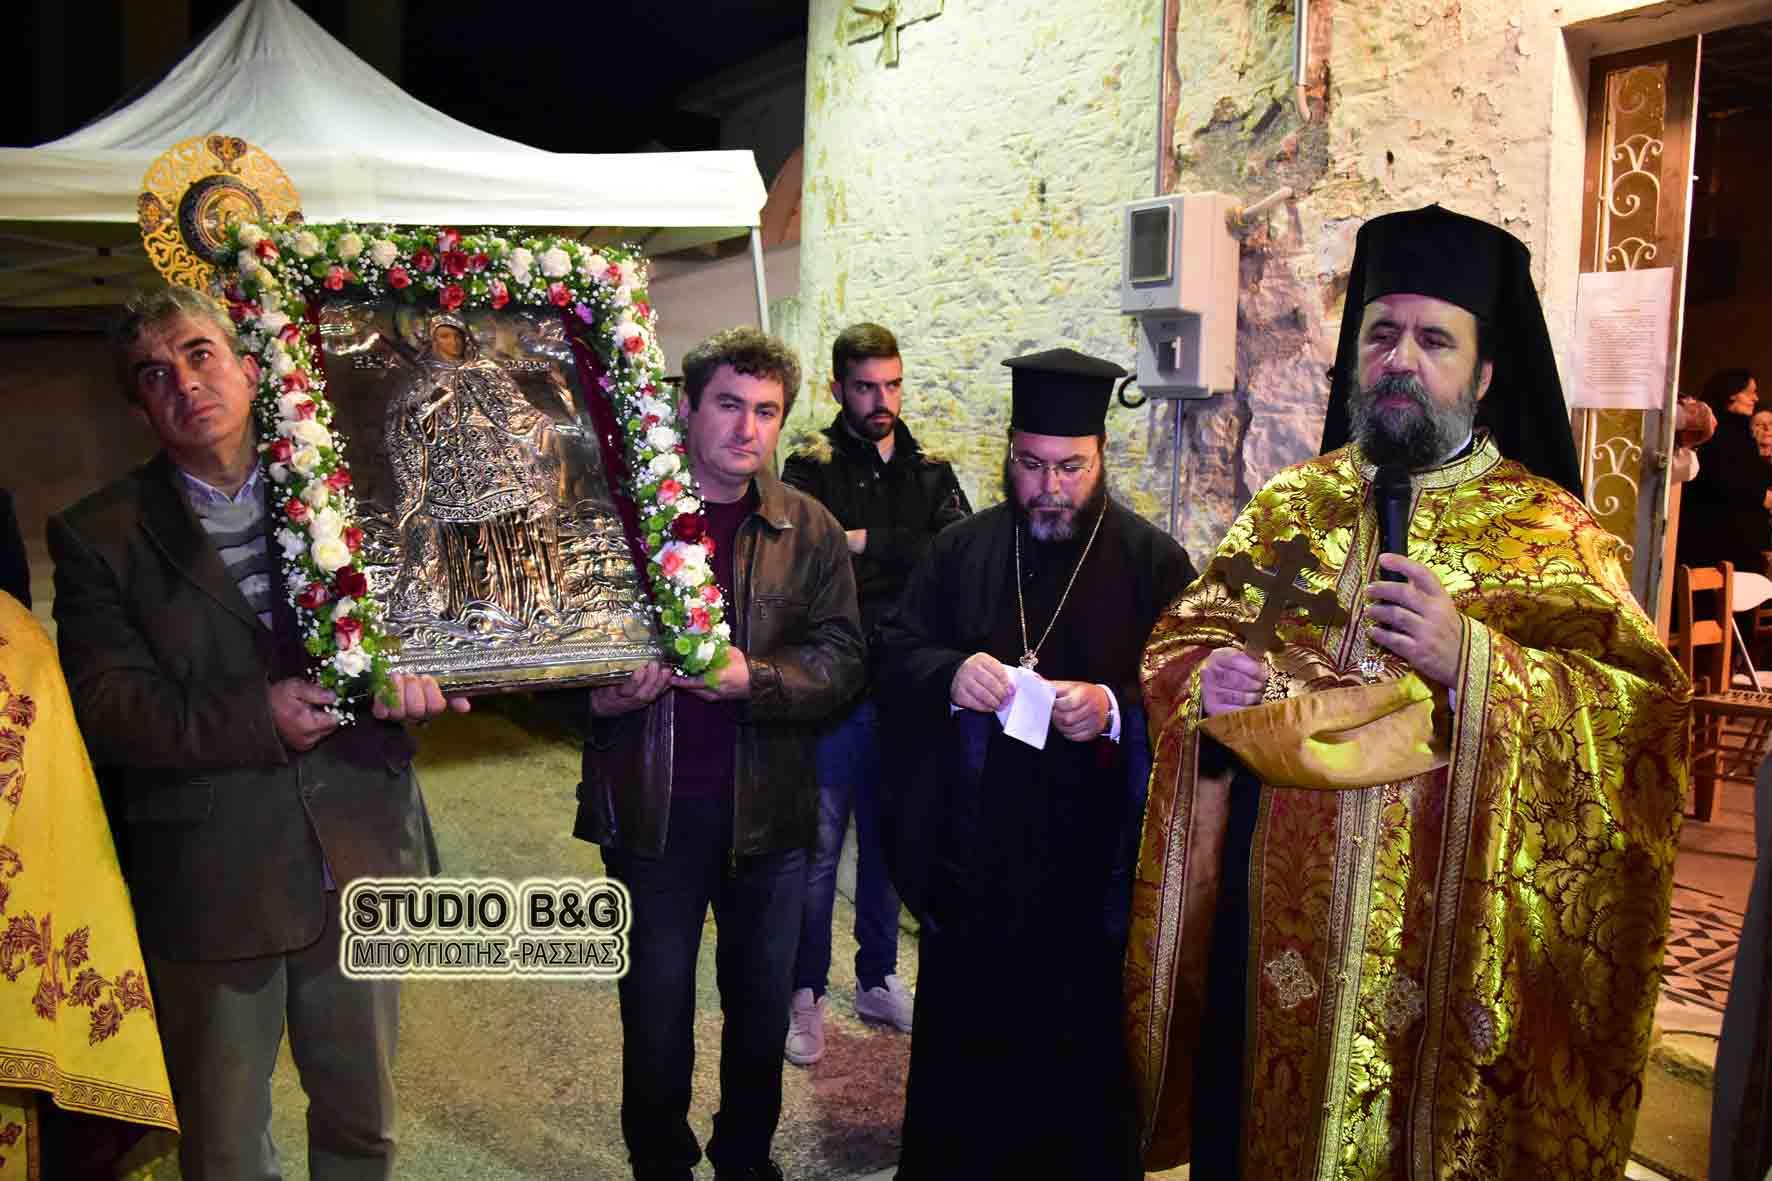 Την Μεγαλομάρτυρα Αγία Βαρβάρα γιόρτασαν στον Ίναχο Αργολίδος